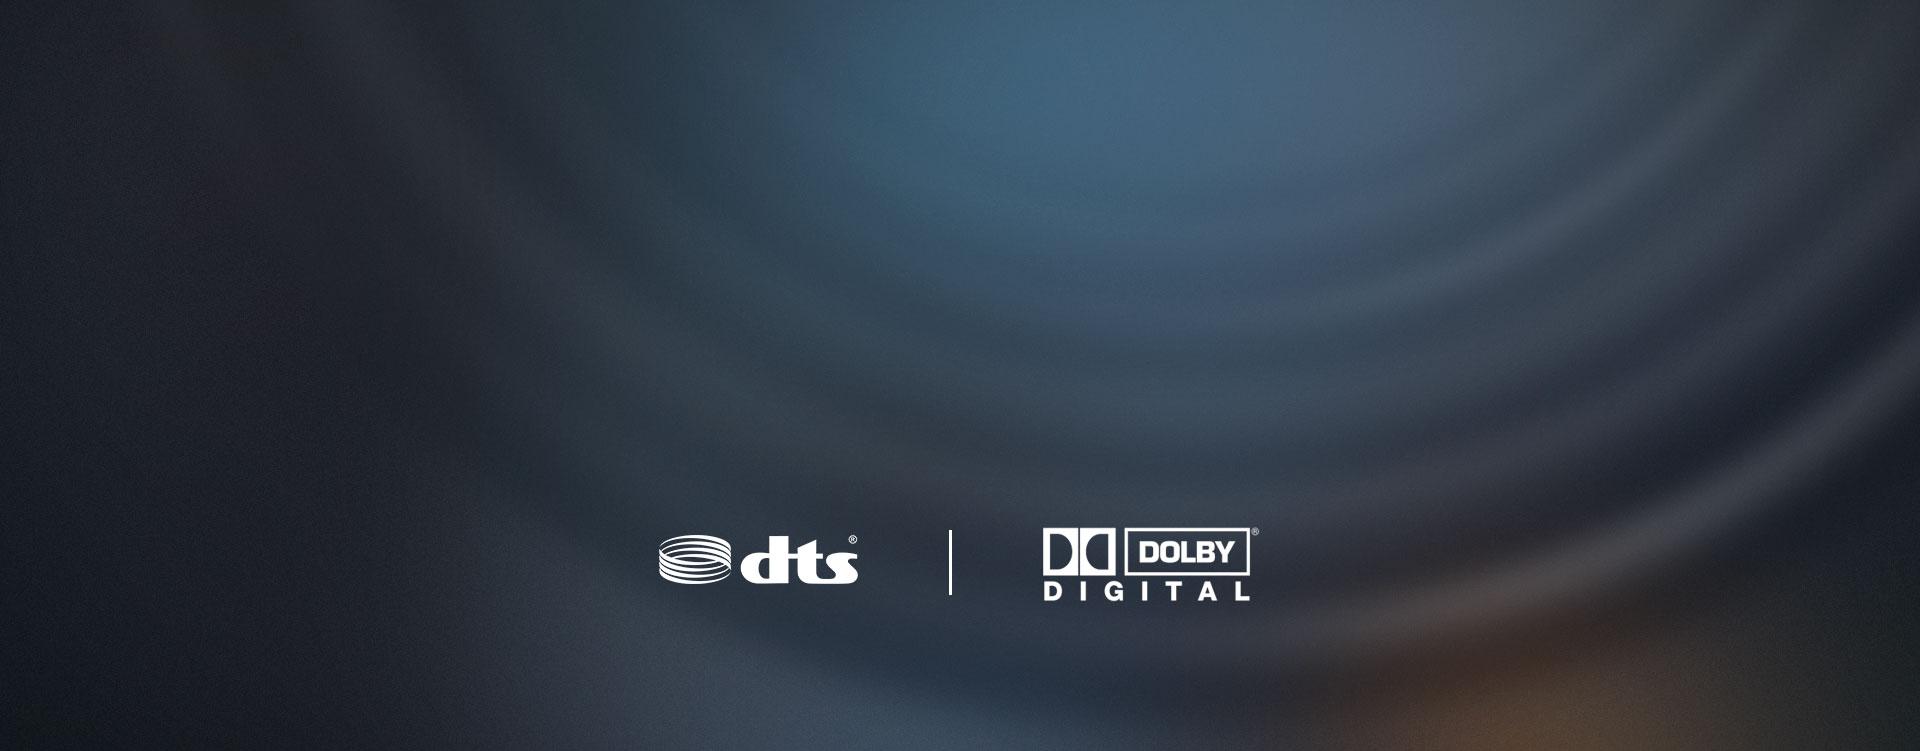 酷开50U2环绕声+杜比解码+DTS2.0